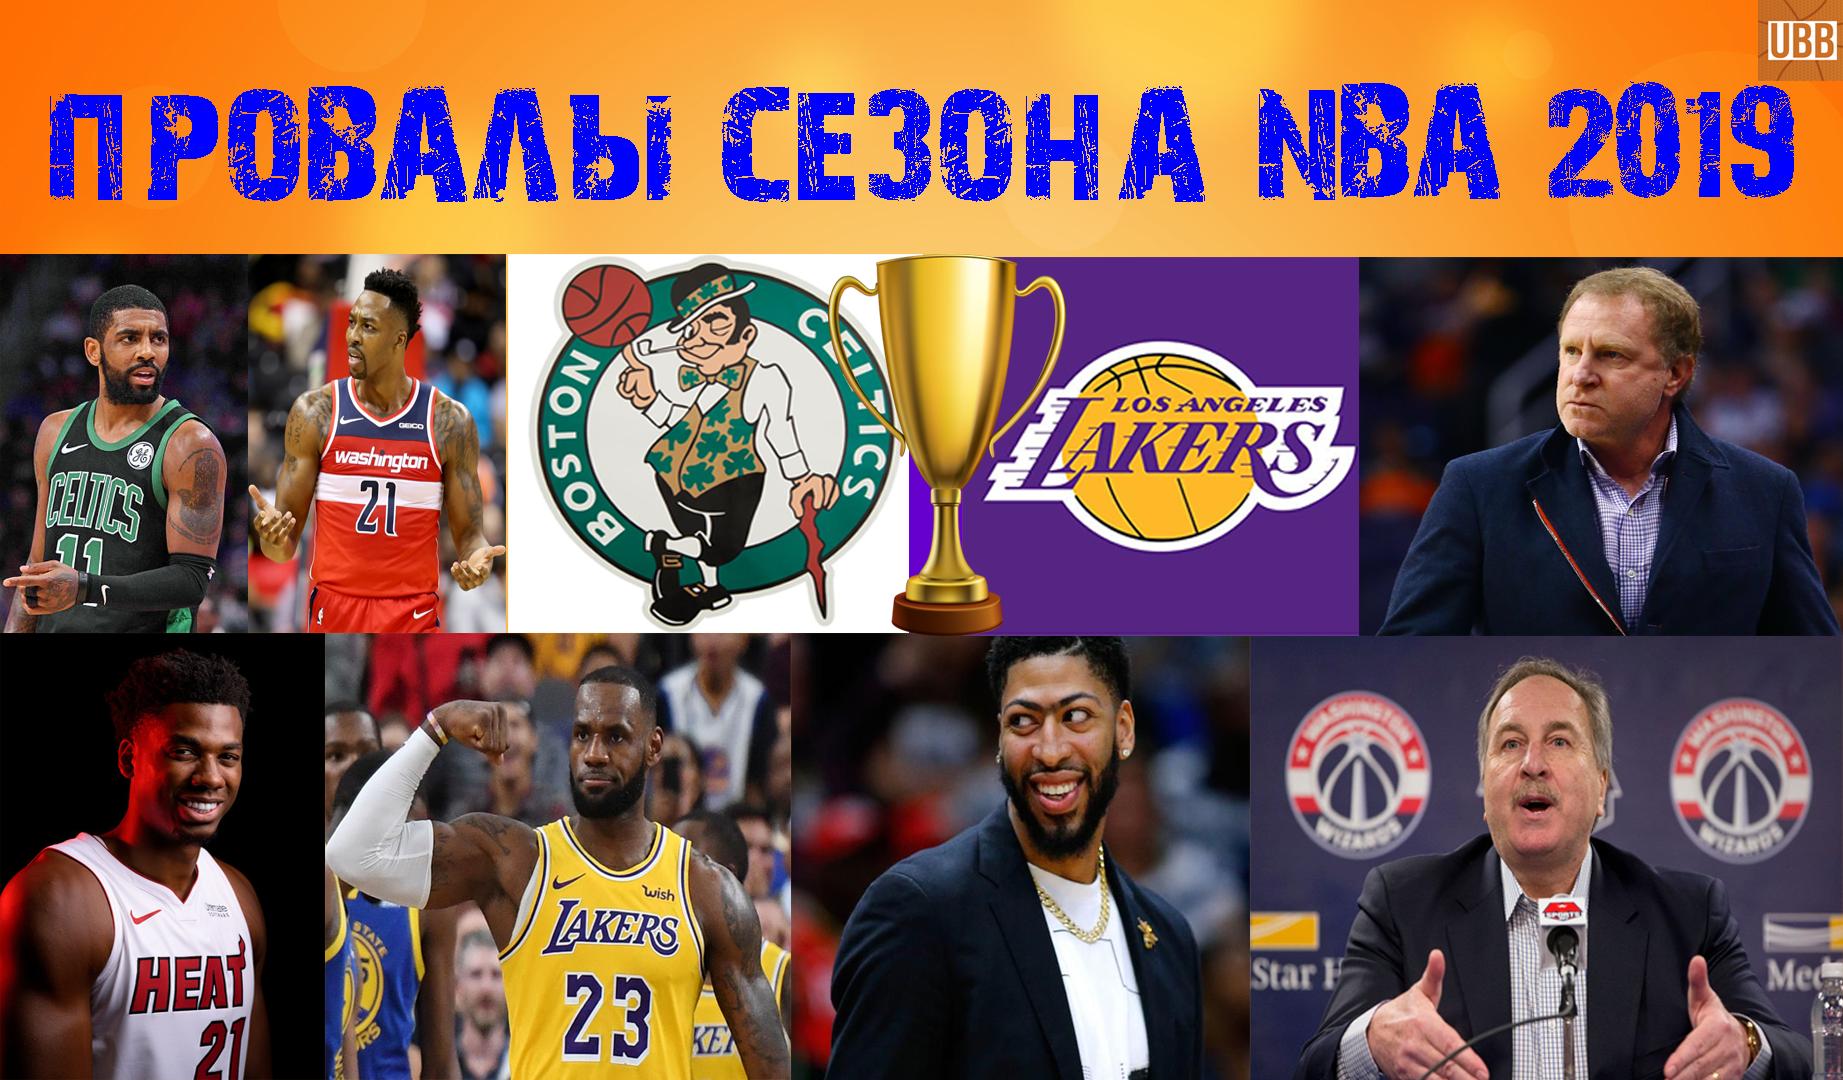 Провалы сезона NBA 2019. Вспоминаем Самые Яркие Фейлы уходящего сезона с юмором.